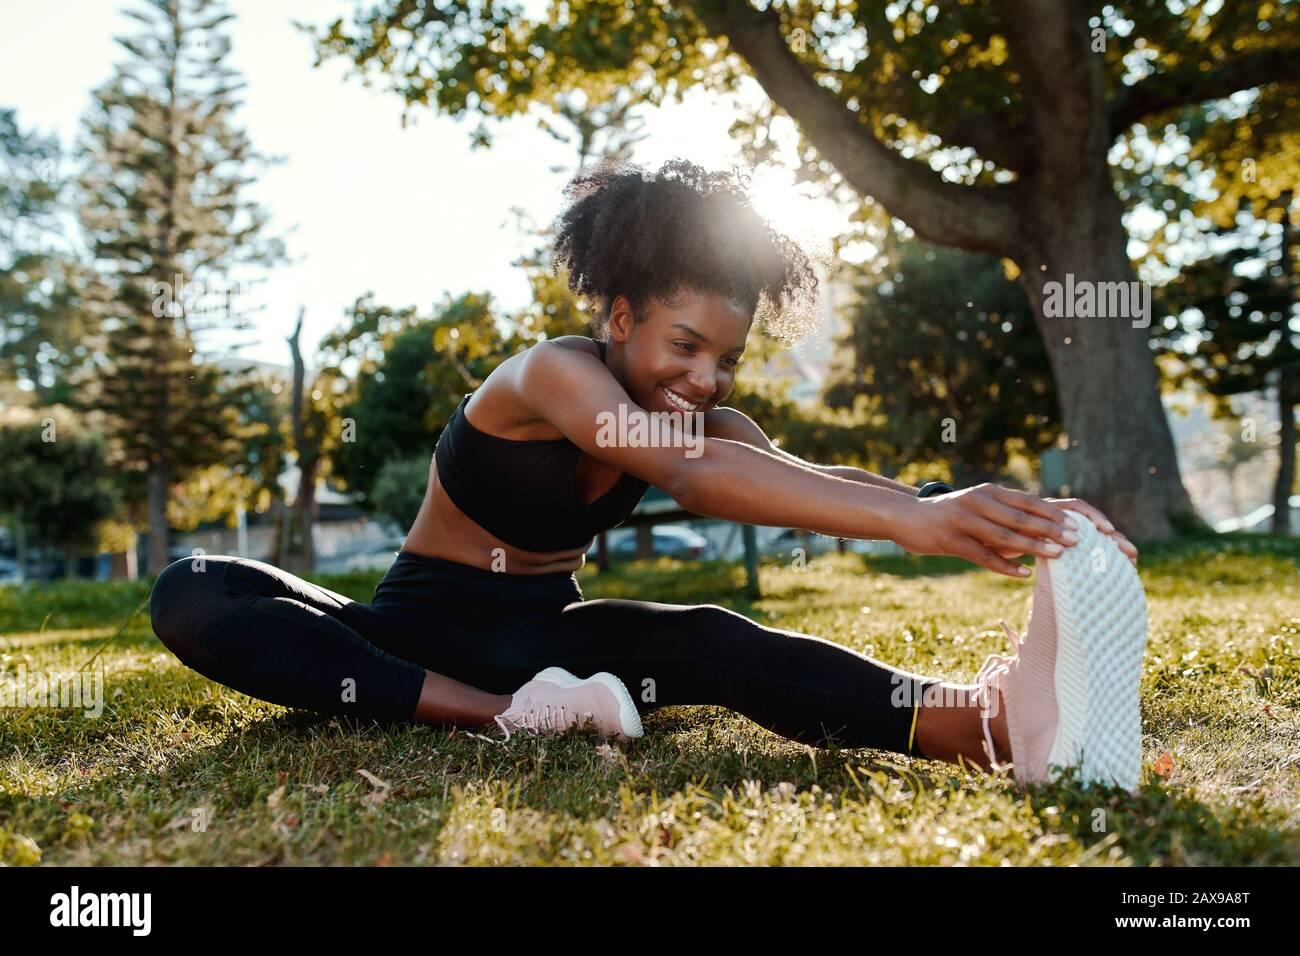 Lächelndes Porträt einer sportiv sitzenden afroamerikanischen jungen Frau auf dem Rasen, die ihre Beine im Park streckt - fröhliche junge schwarze Frau, die sich aufwärmt Stockfoto